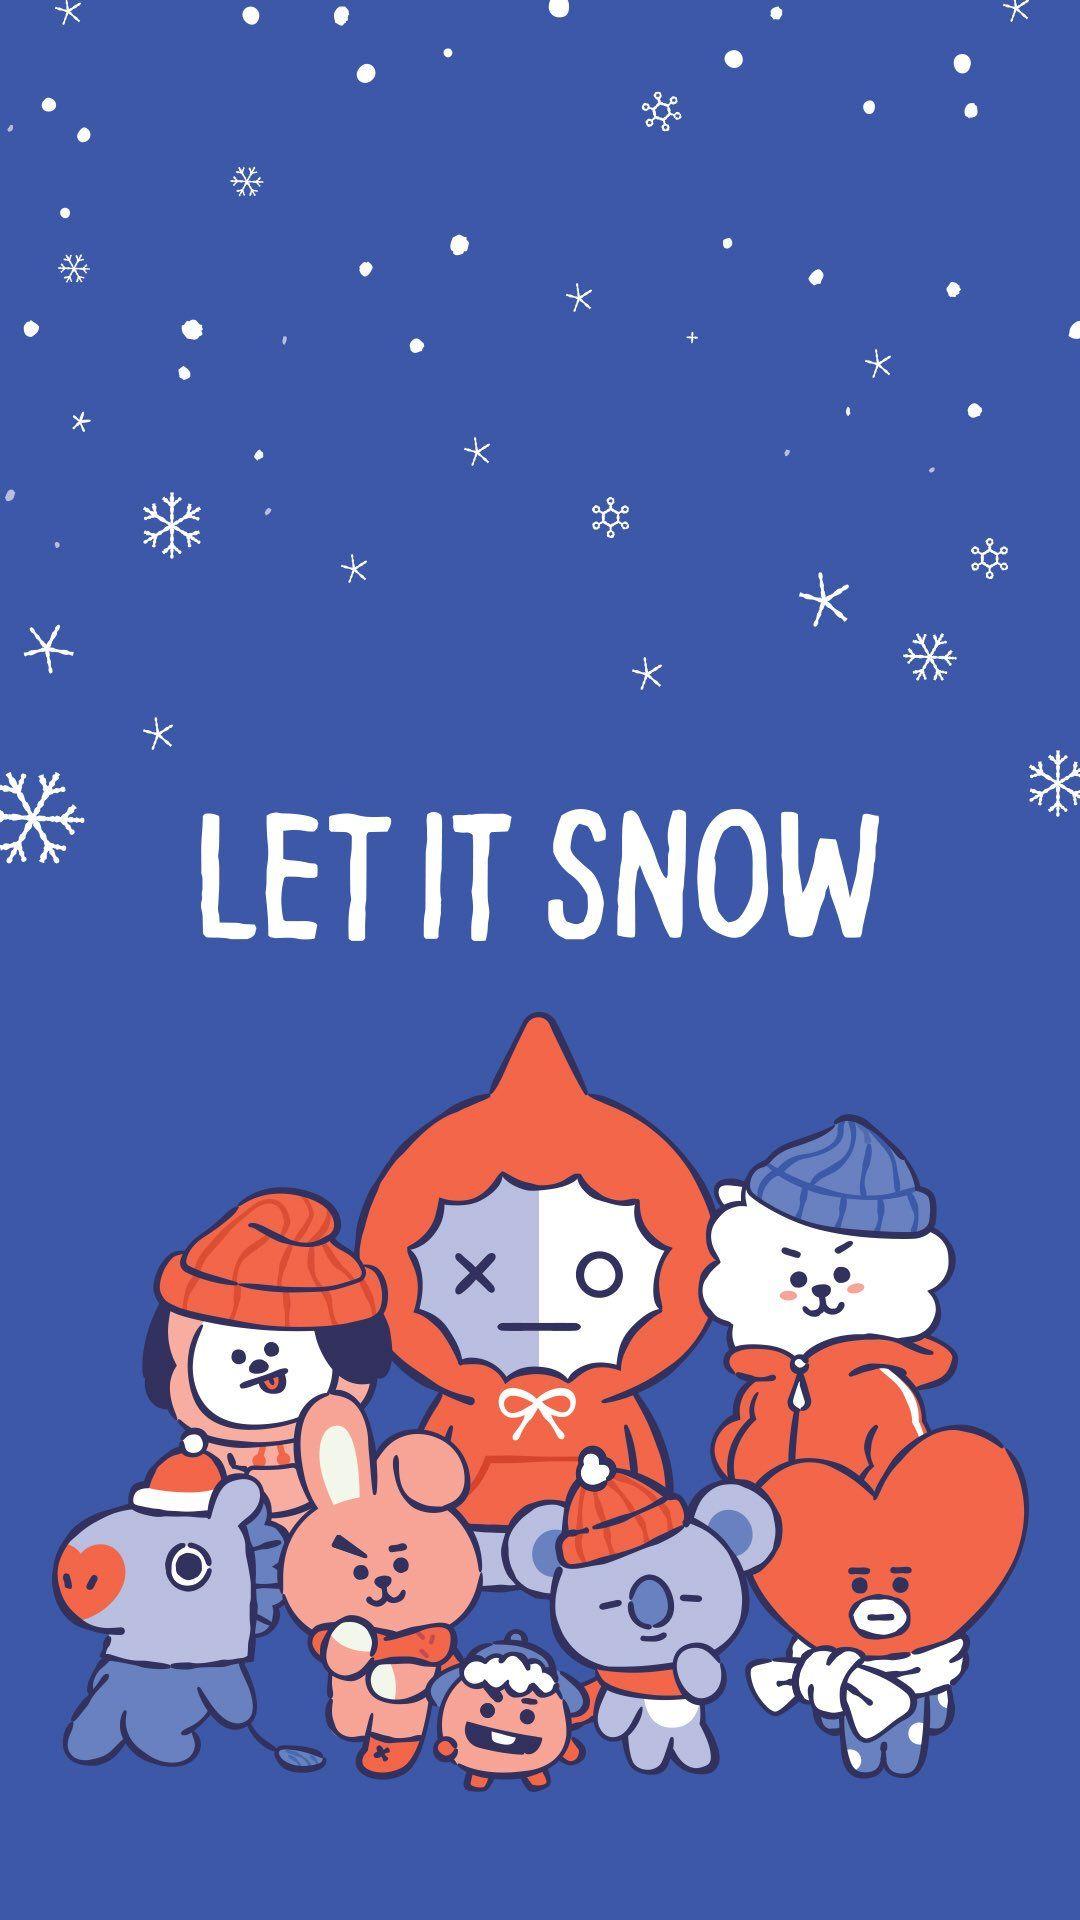 Let It Snow Wallpaper Bt21 Bts Christmas Bts Wallpaper Bts Chibi